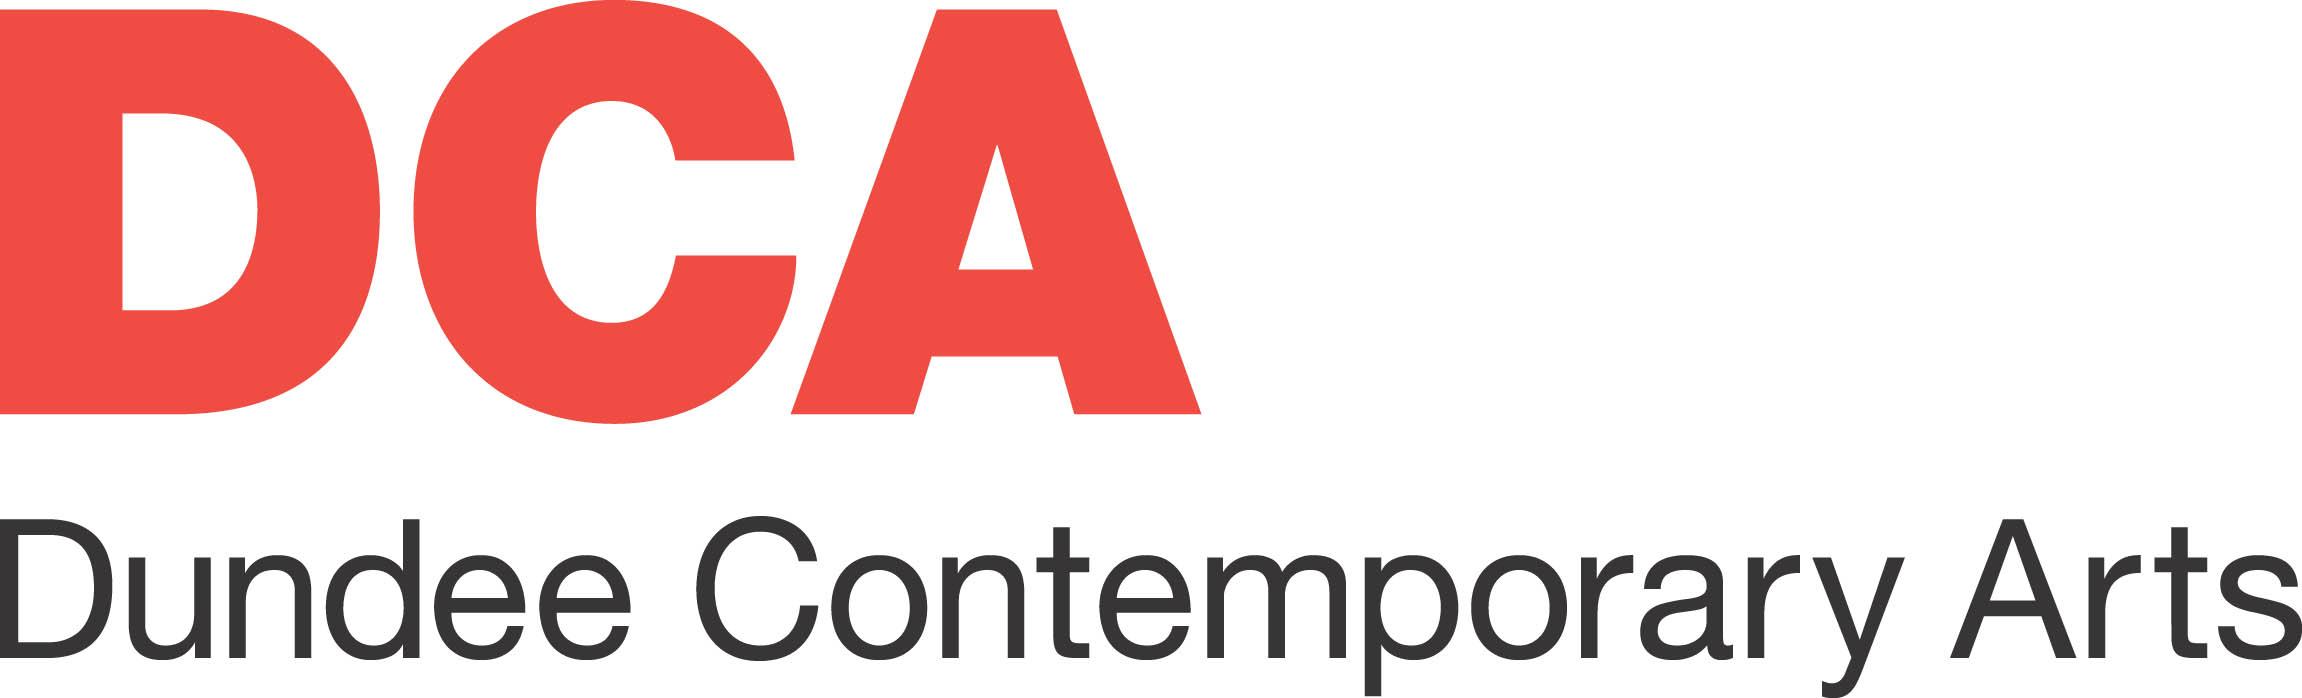 DCA logo_CYMK.jpg